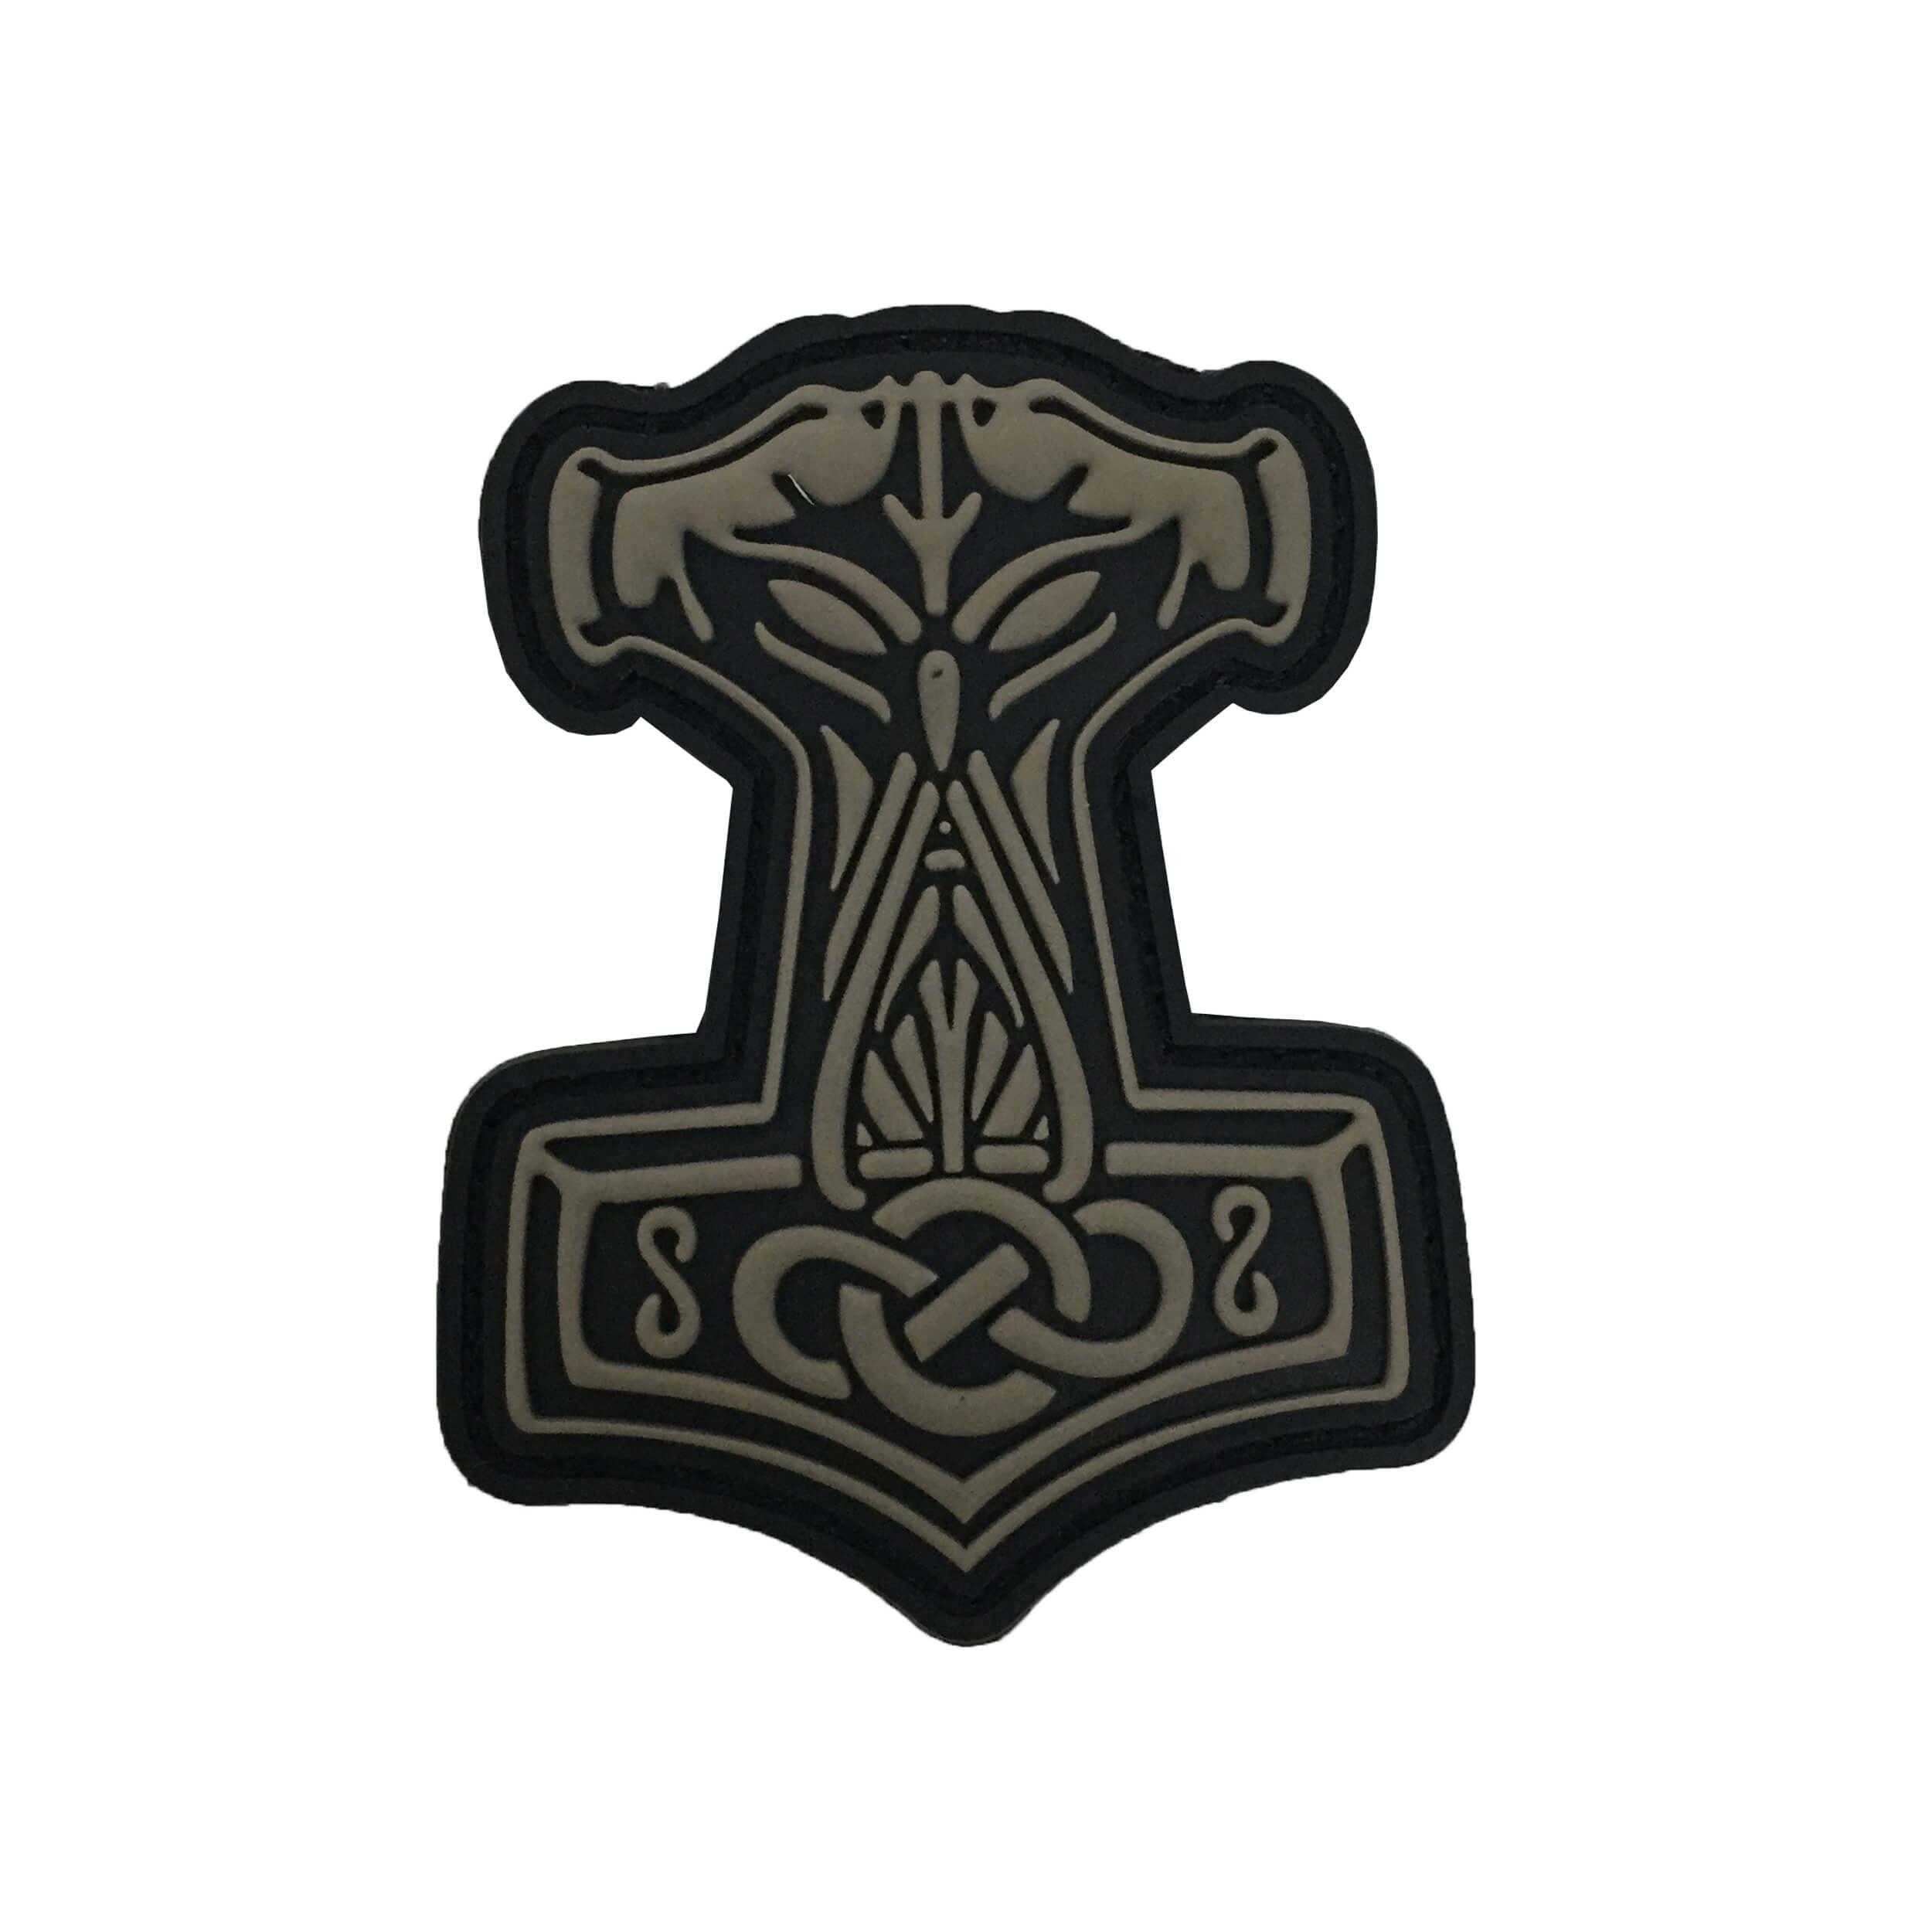 JTG Thors Hammer Mjölnir Patch, tan / 3D Rubber Patch